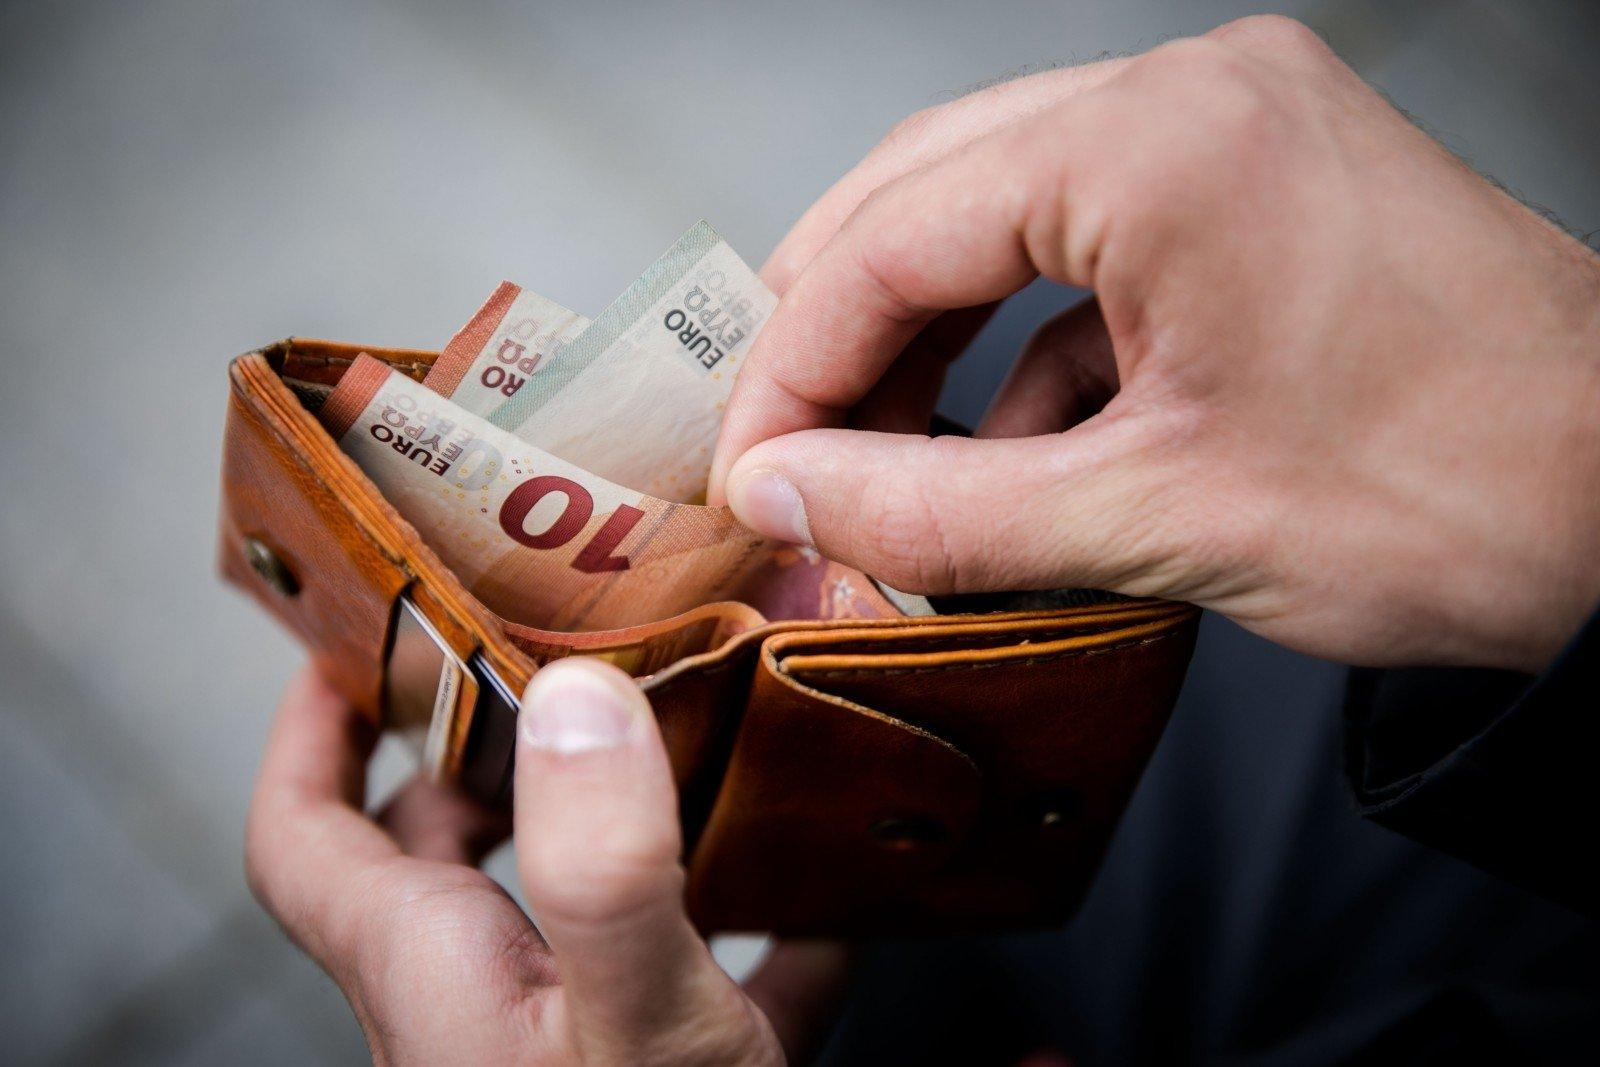 ECB gina grynųjų pinigų naudojimą: gyventojams ši galimybė turi būti užtikrinta